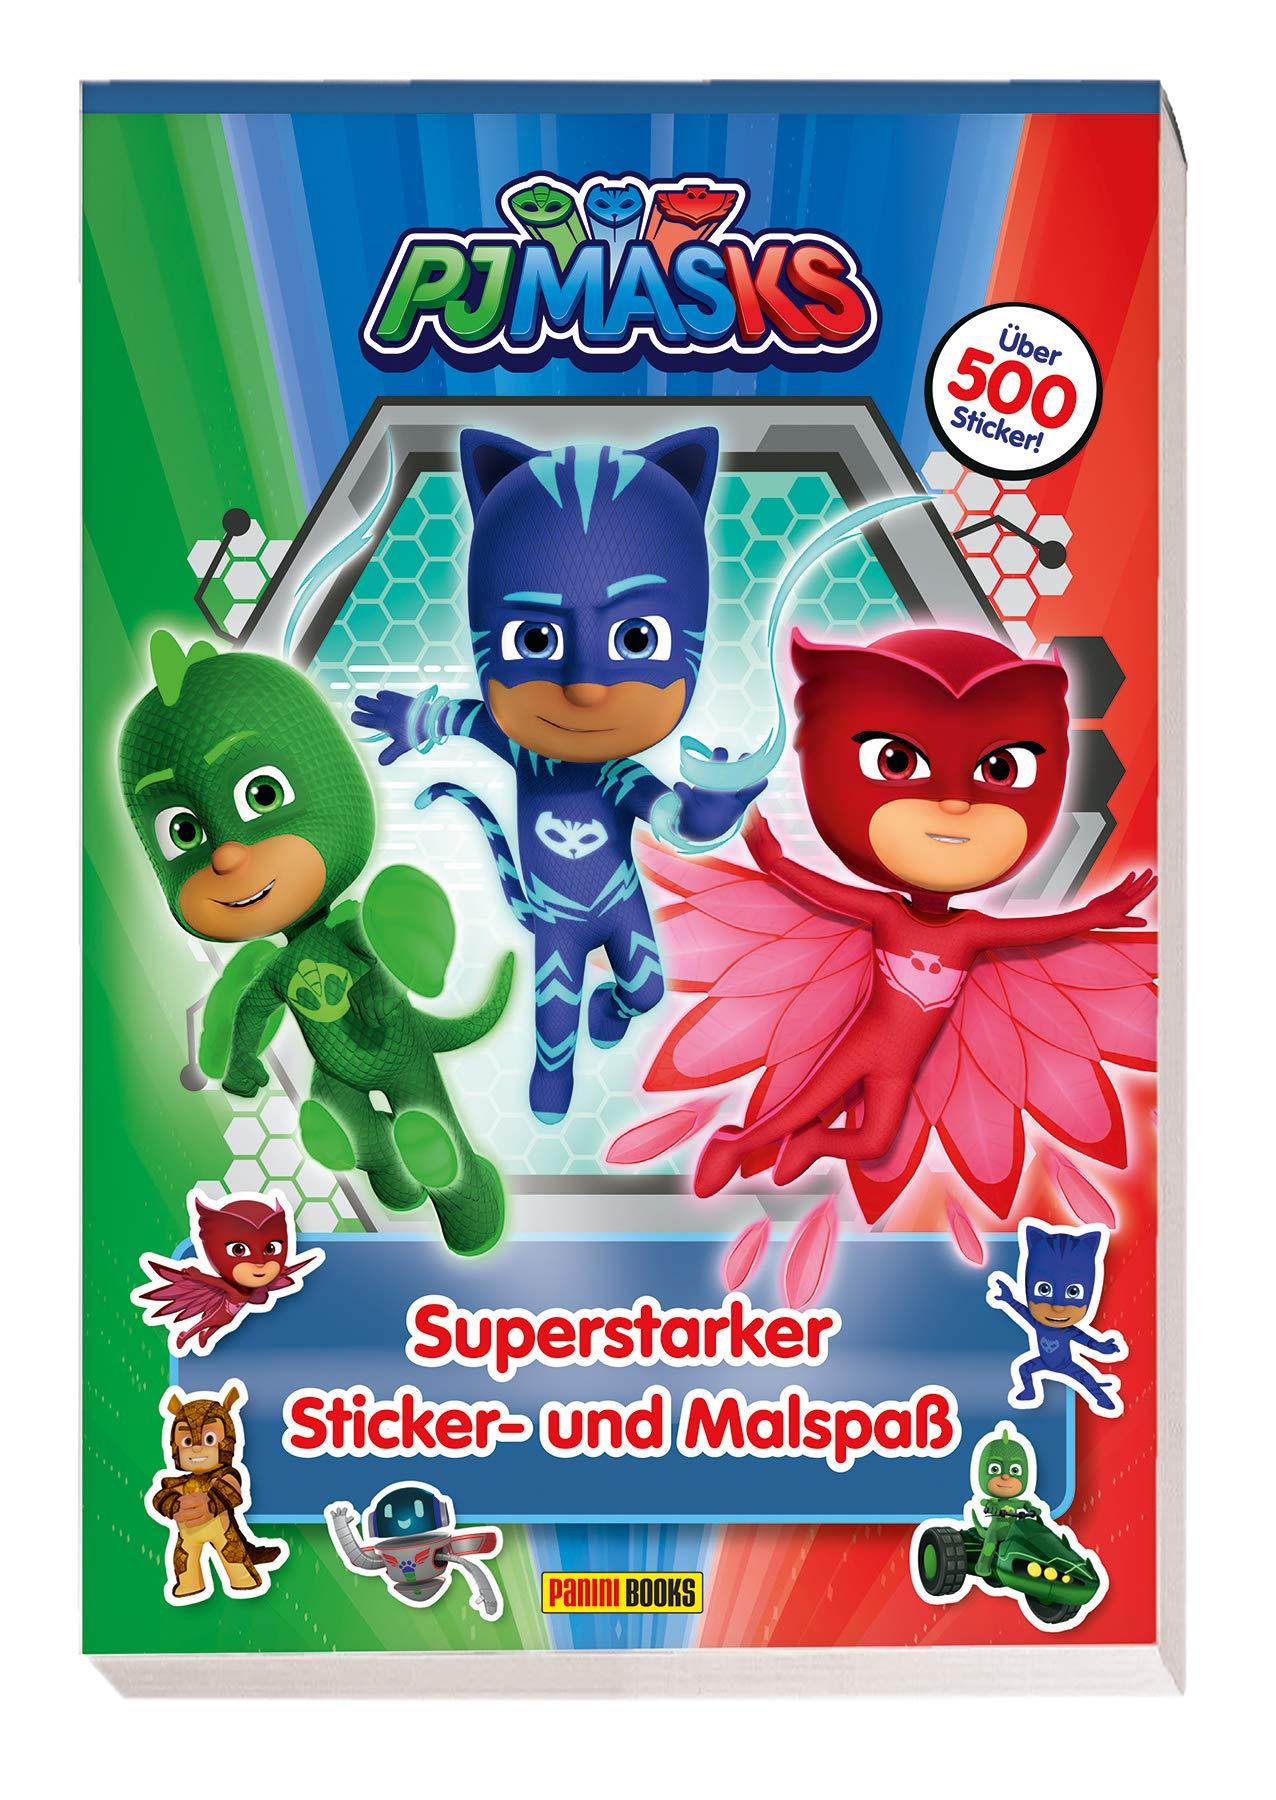 PJ Masks: Superstarker Sticker- und Malspaß: über 500 Sticker ...